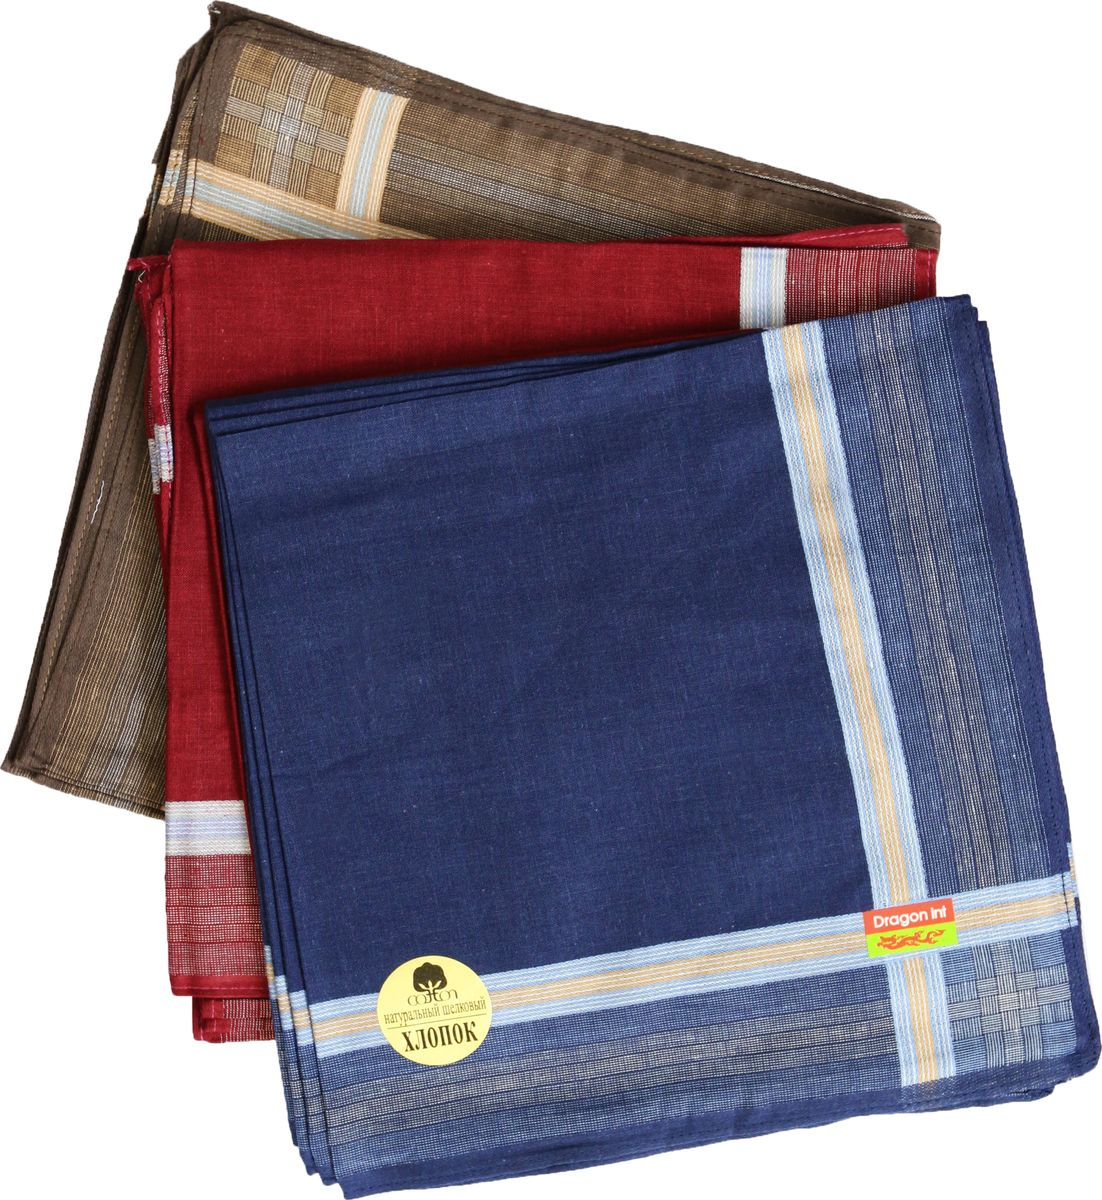 Платок носовой мужской Zlata Korunka, цвет: синий, красный, коричневый, 3 шт. 45480-3. Размер 27 см х 27 см39864|Серьги с подвескамиМужской носовой платой Zlata Korunka изготовлен из натурального хлопка, приятен в использовании, хорошо стирается, материал не садится и отлично впитывает влагу. Оформлена модель контрастным принтом.